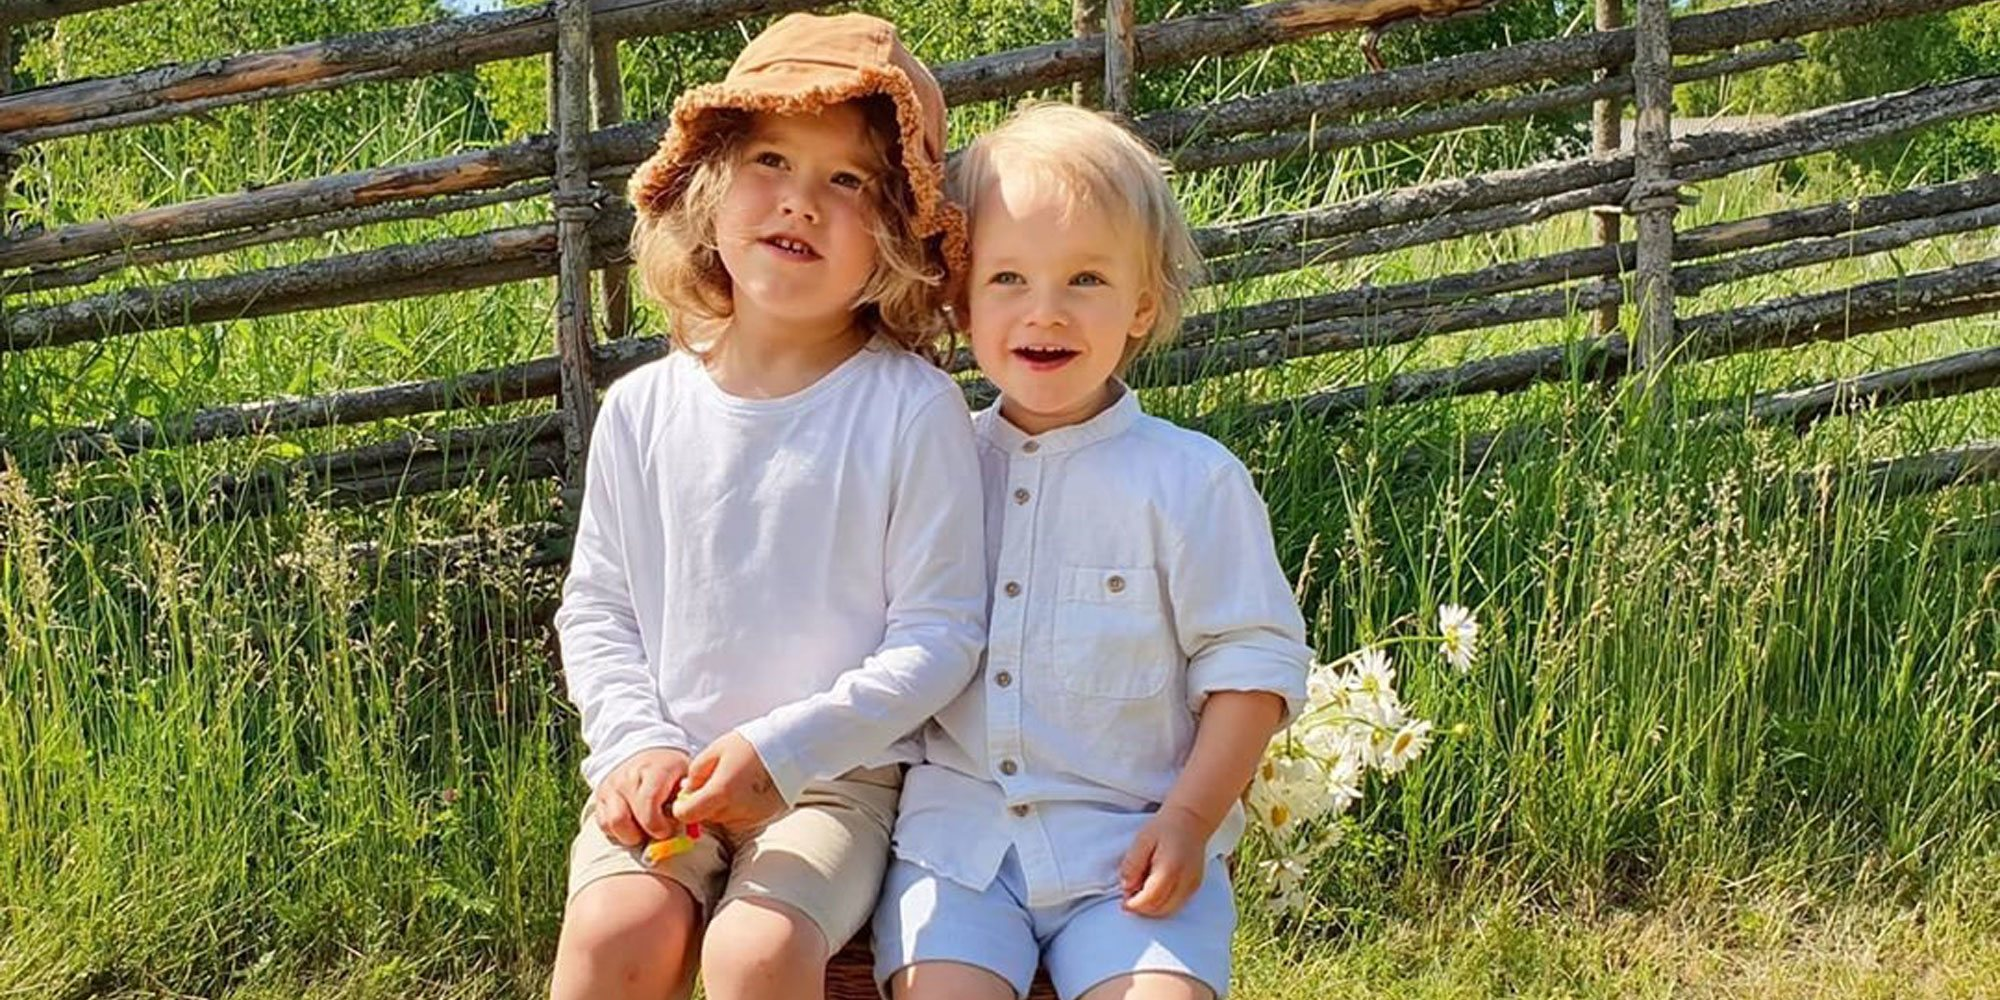 Carlos Felipe y Sofia de Suecia celebran el 5 cumpleaños de Alejandro de Suecia revelando fotos y detalles de su hijo